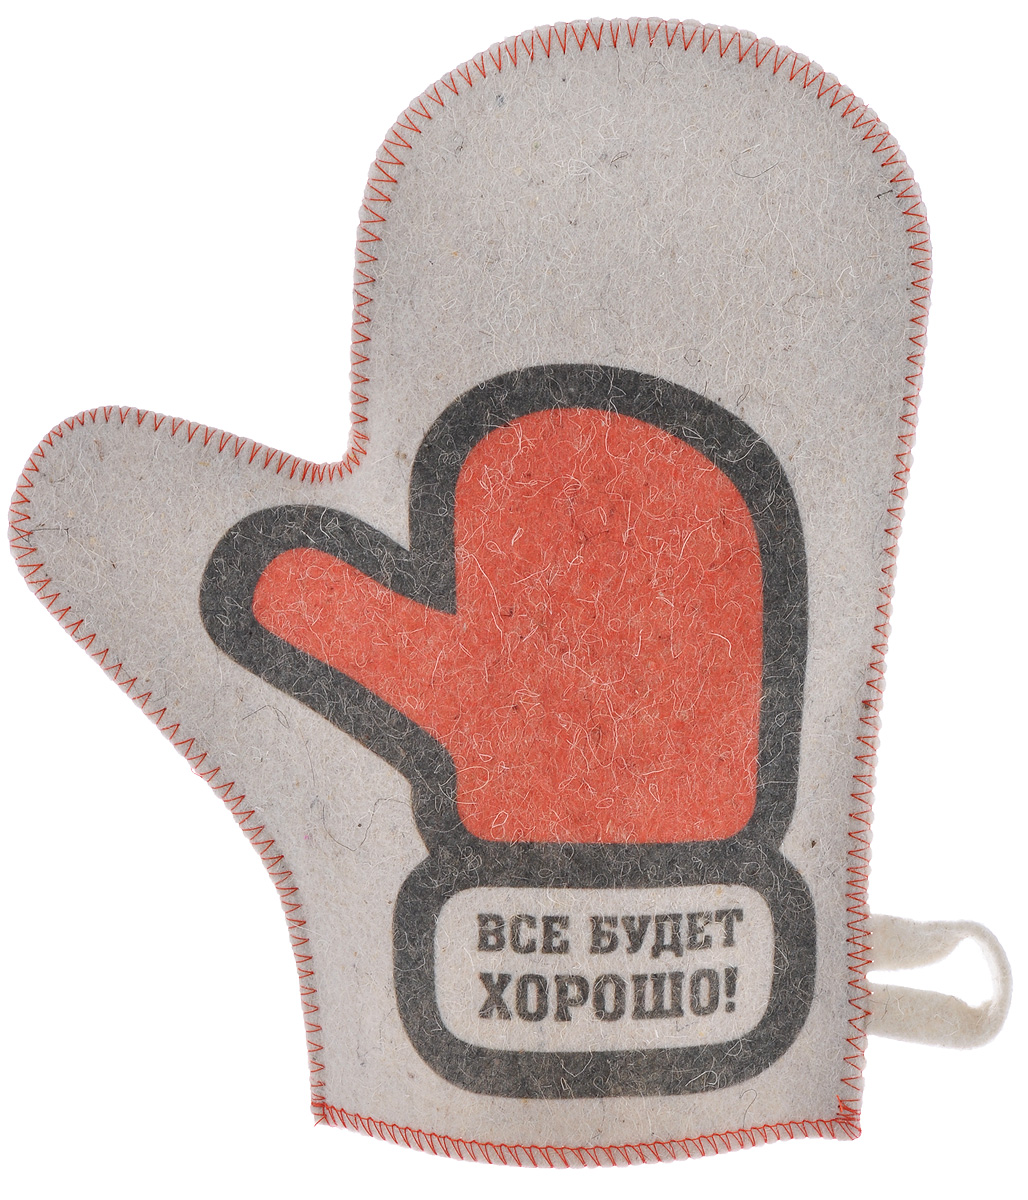 """Рукавица Главбаня """"Все будет хорошо!"""", изготовленная из войлока, - незаменимый банный атрибут. Изделие декорировано ярким рисунком и оснащено петелькой для подвешивания на крючок. Такая рукавица защищает руки от горячего пара, делает комфортным пребывание в парной. Также ею можно прекрасно промассировать тело.Размер: 28 см х 22,5 см.Материал: войлок (50% шерсть, 50% полиэфир)."""